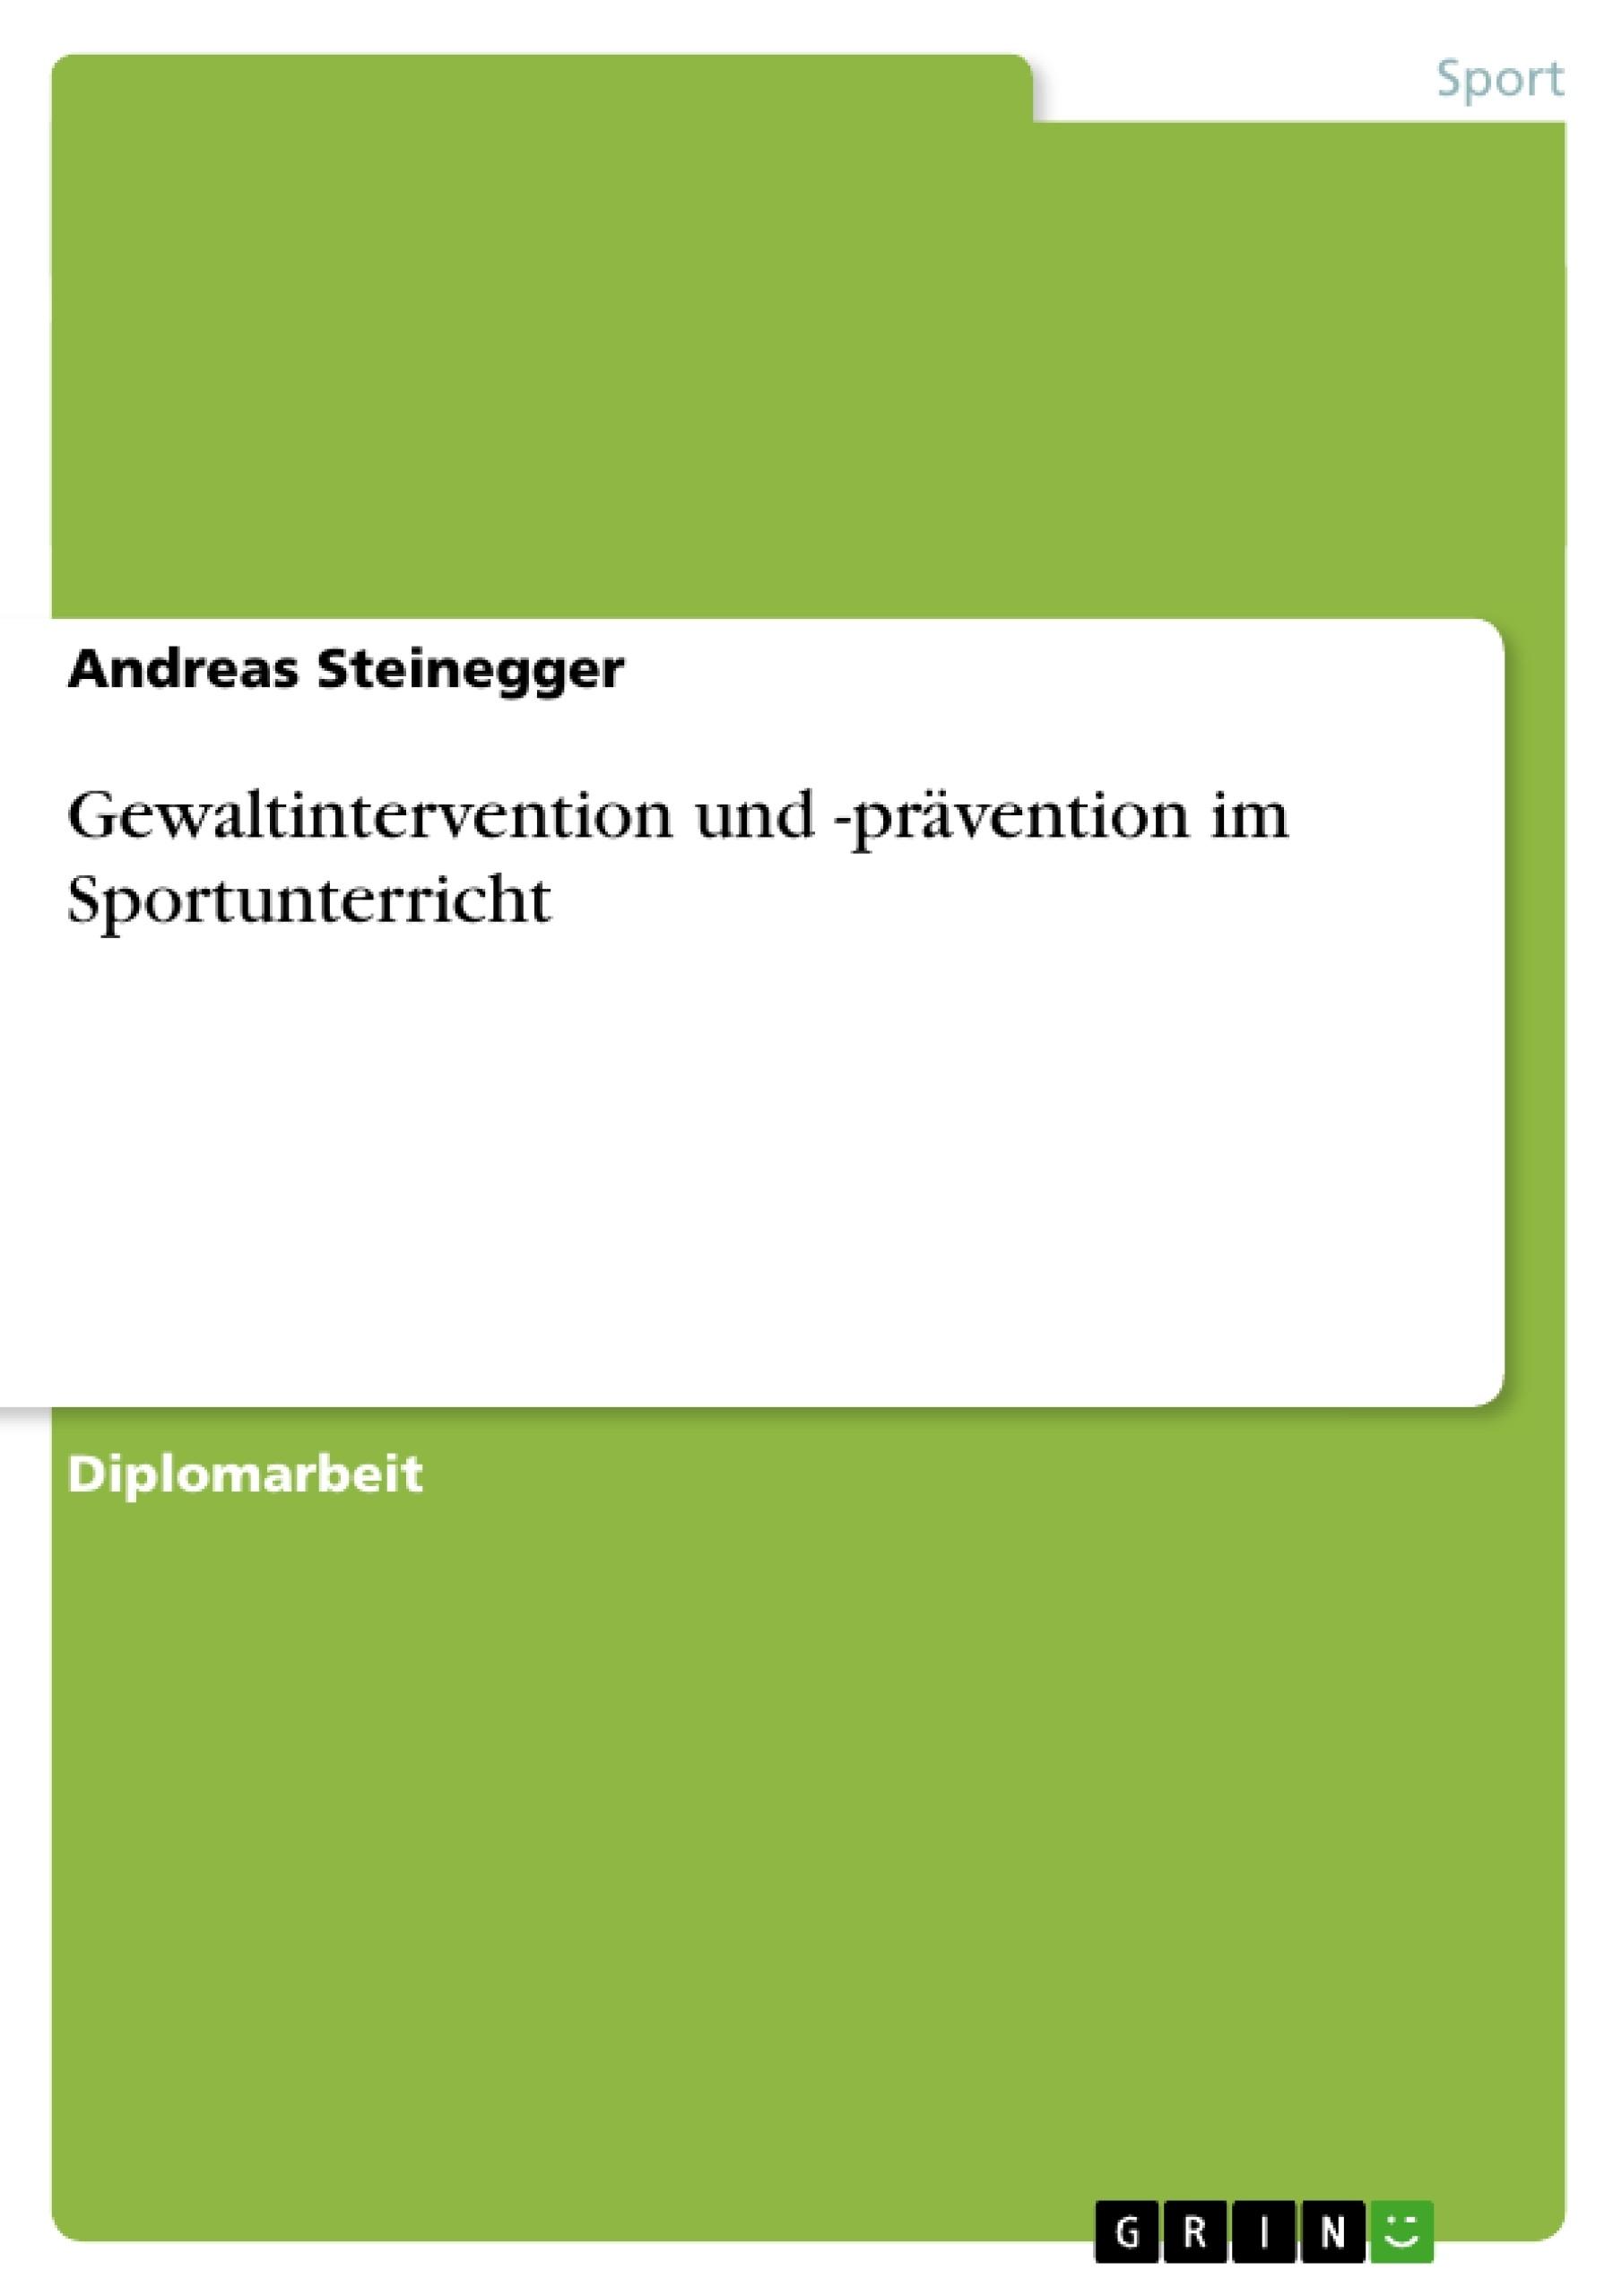 Titel: Gewaltintervention und -prävention im Sportunterricht